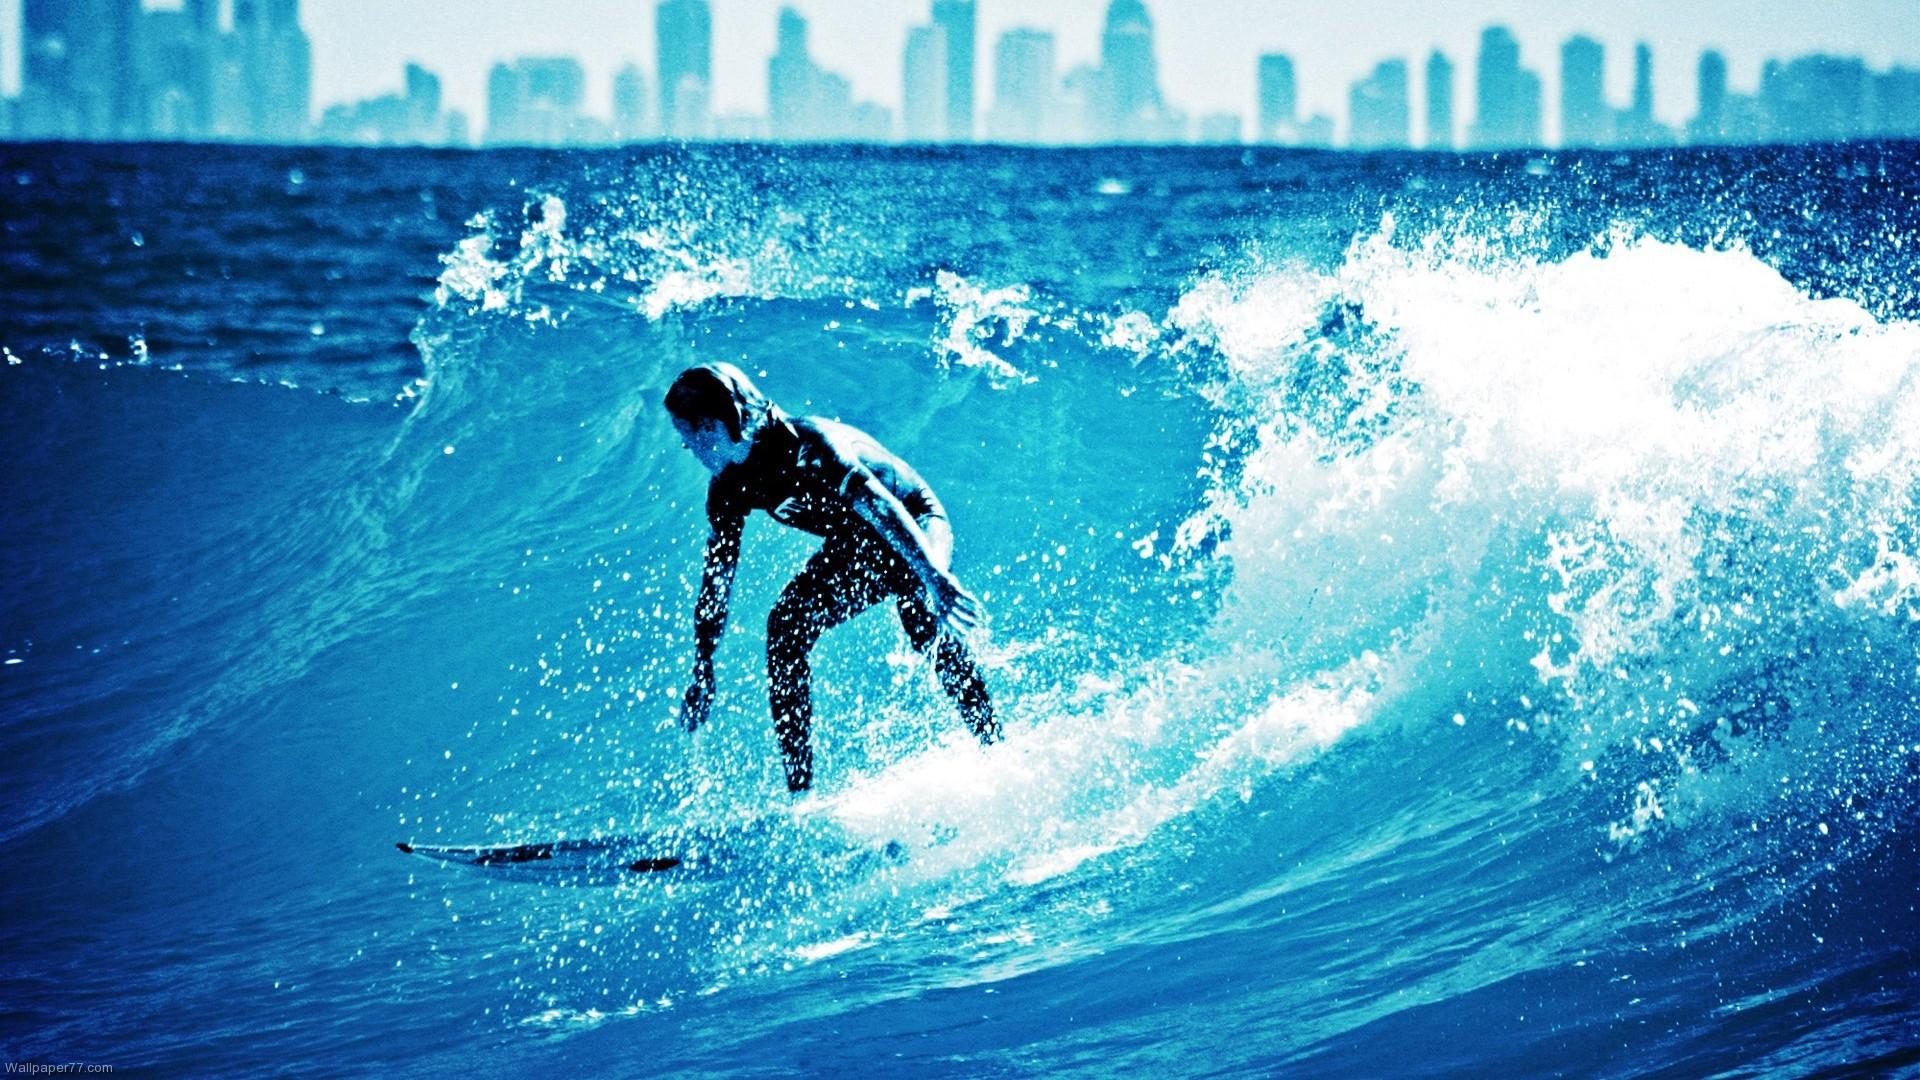 Surfing Desktop Wallpaper – Wallpaper, High Definition, High Quality .